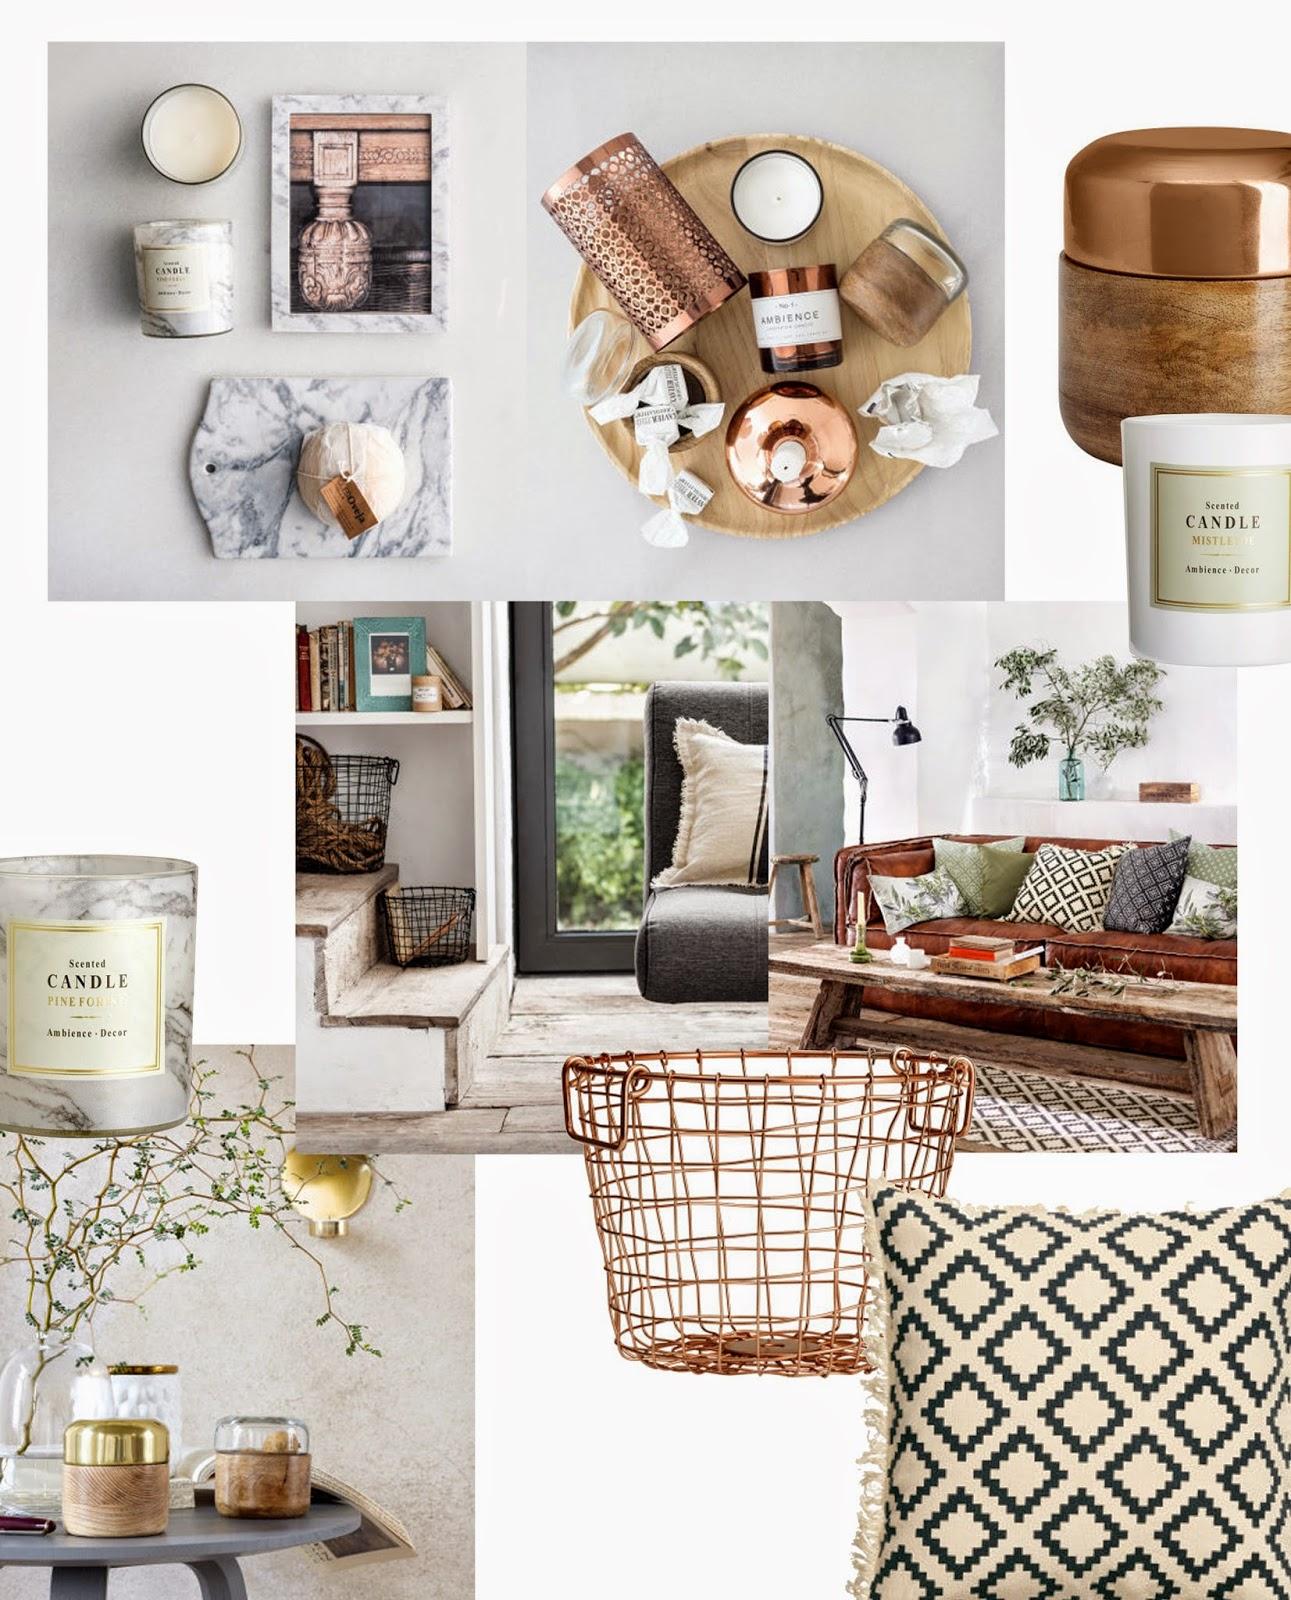 h m home inspiration wishlists zoey olivia. Black Bedroom Furniture Sets. Home Design Ideas